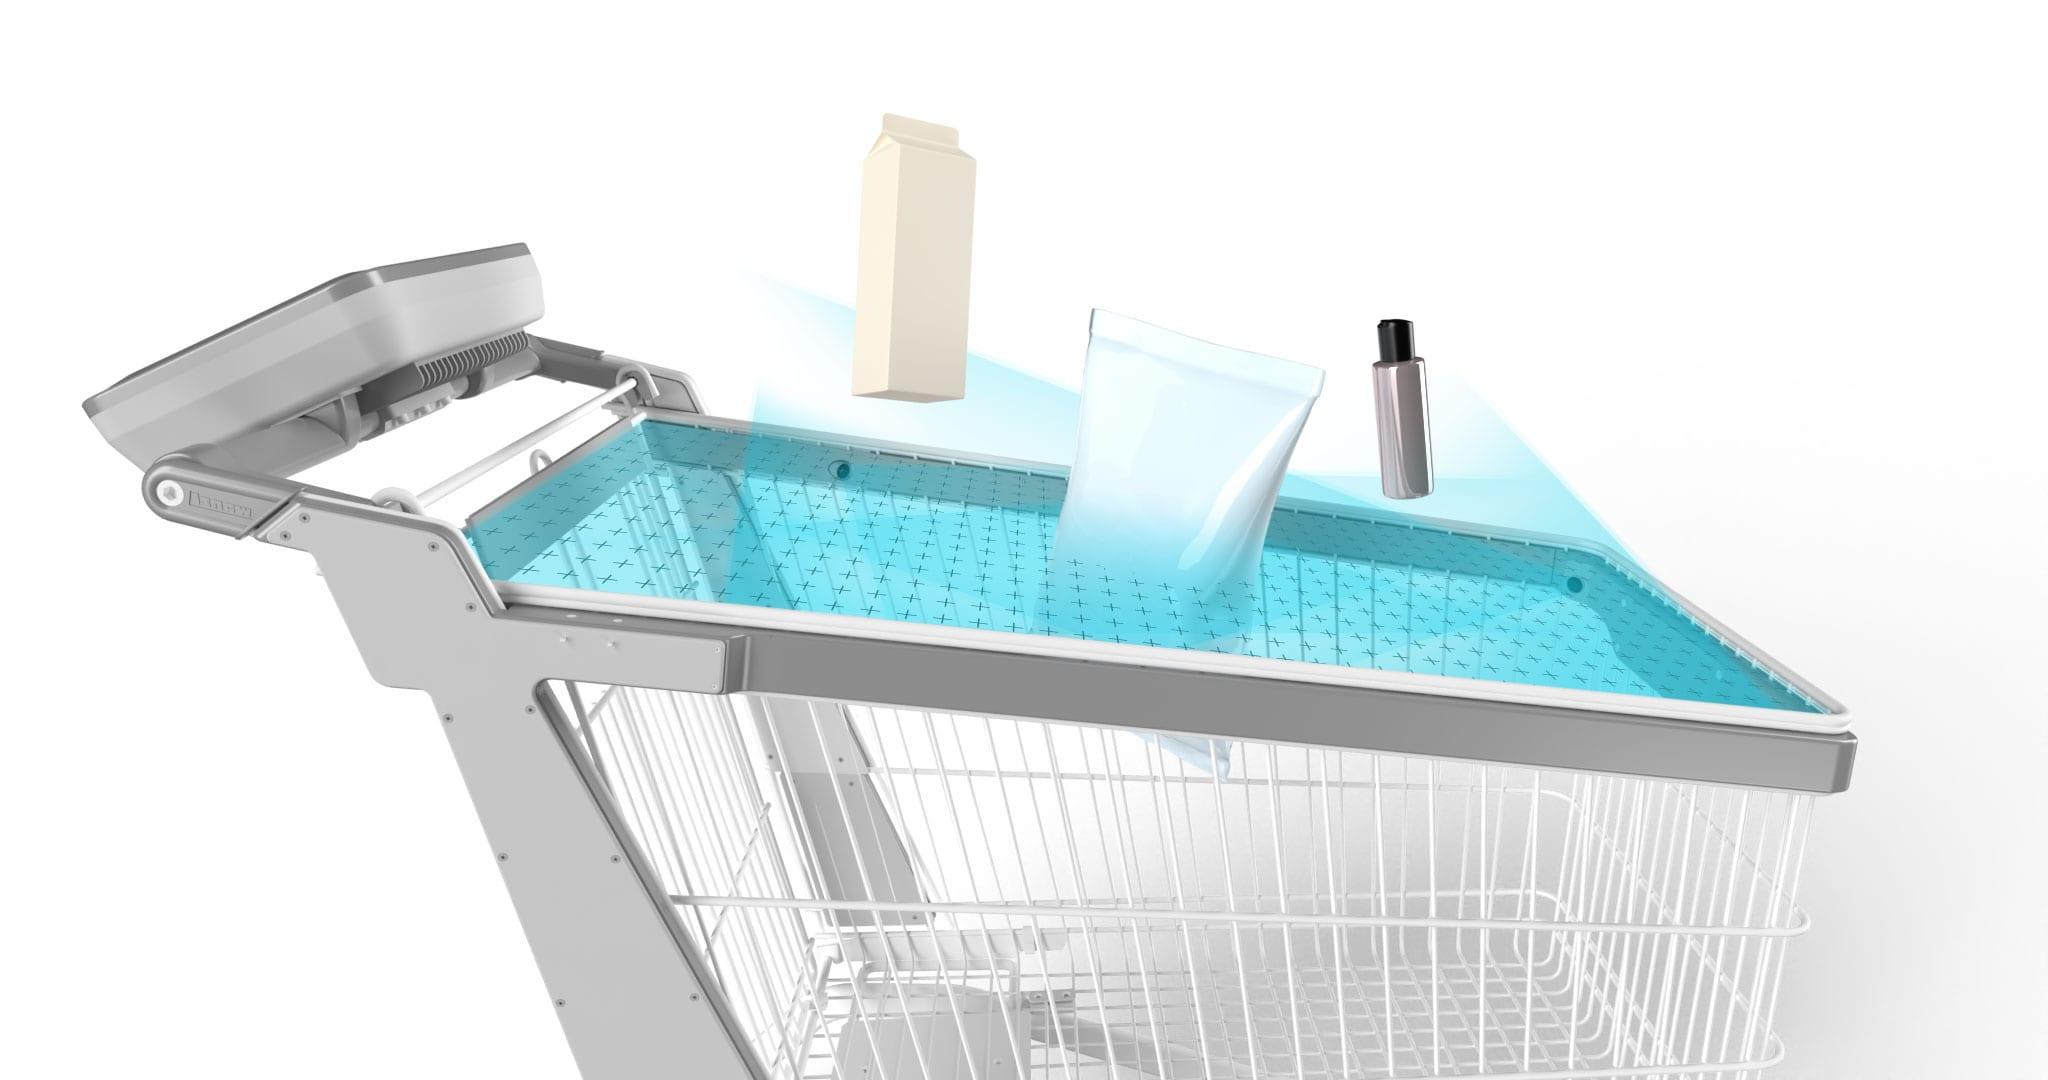 Il carrello acquisti intelligente di Tracxpoint riconosce i prodotti all'istante